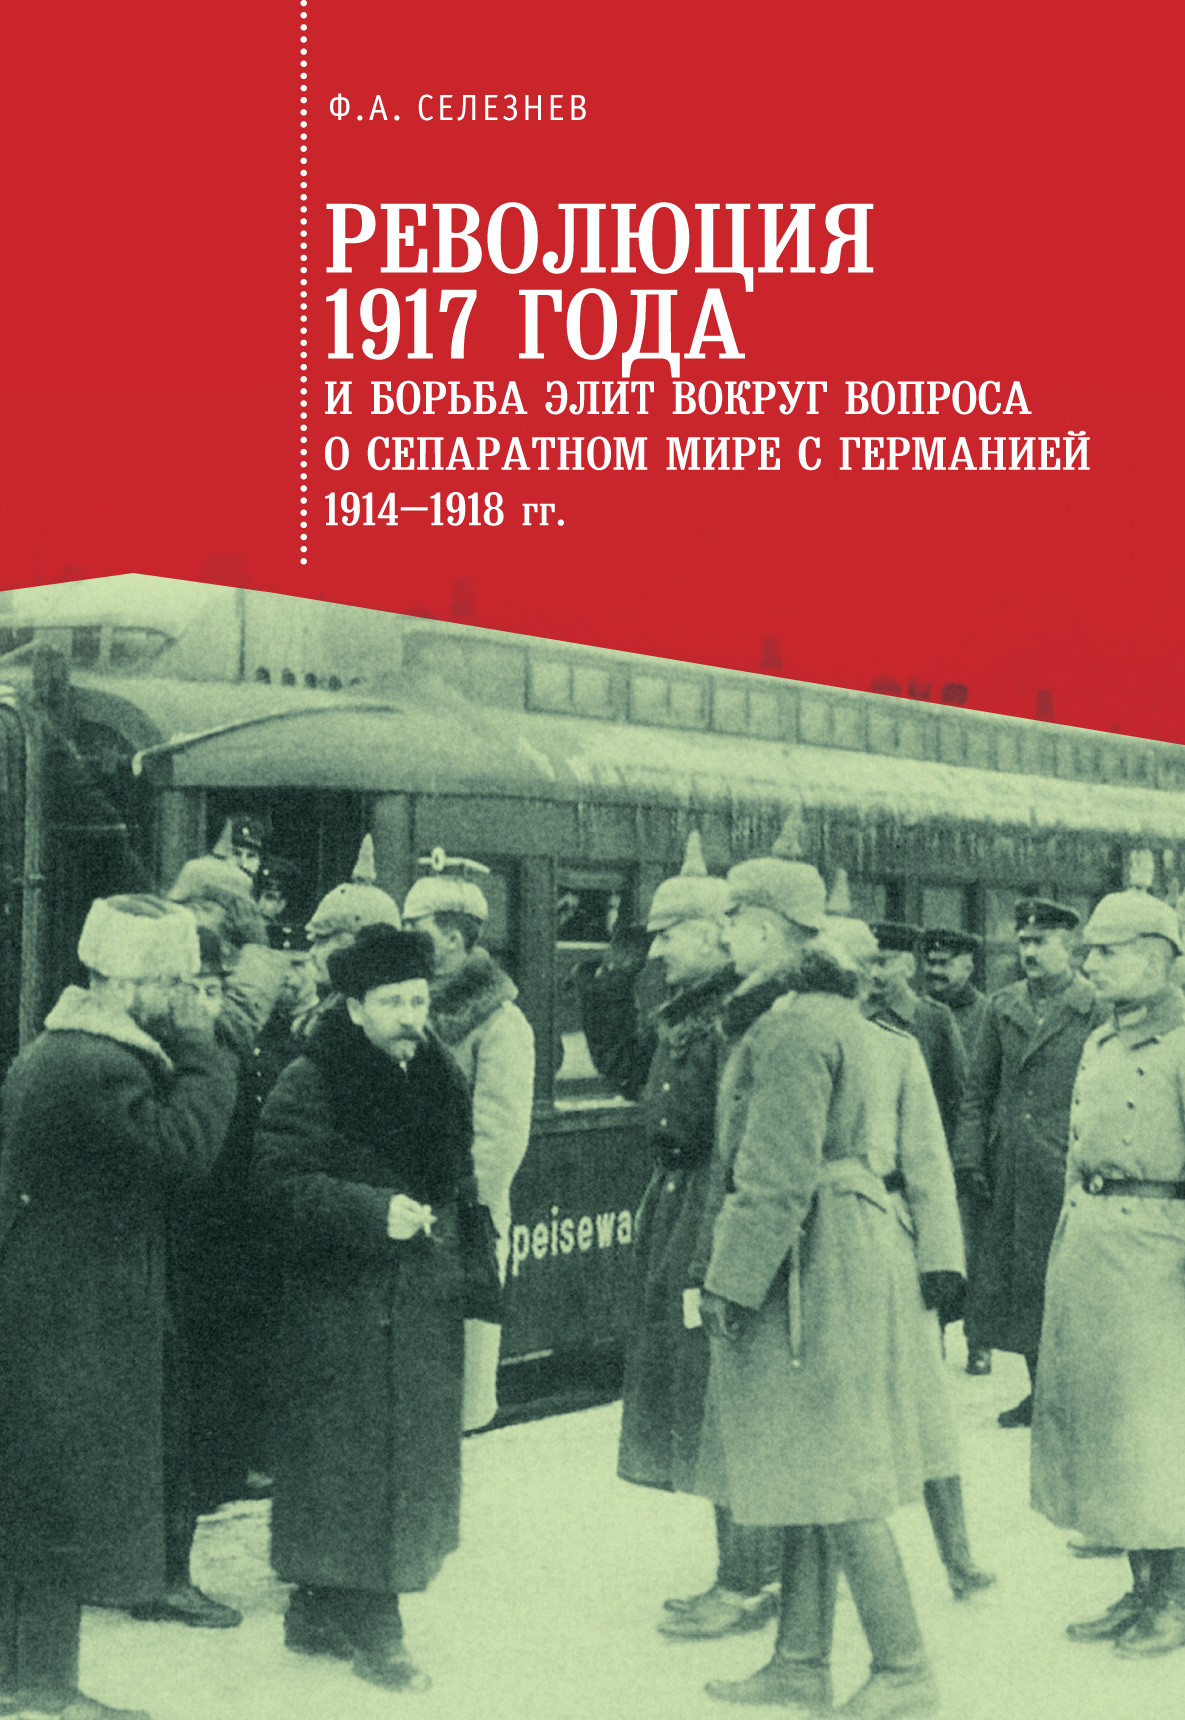 Федор Селезнев Революция 1917 года и борьба элит вокруг вопроса о сепаратном мире с Германией (1914–1918 гг.)